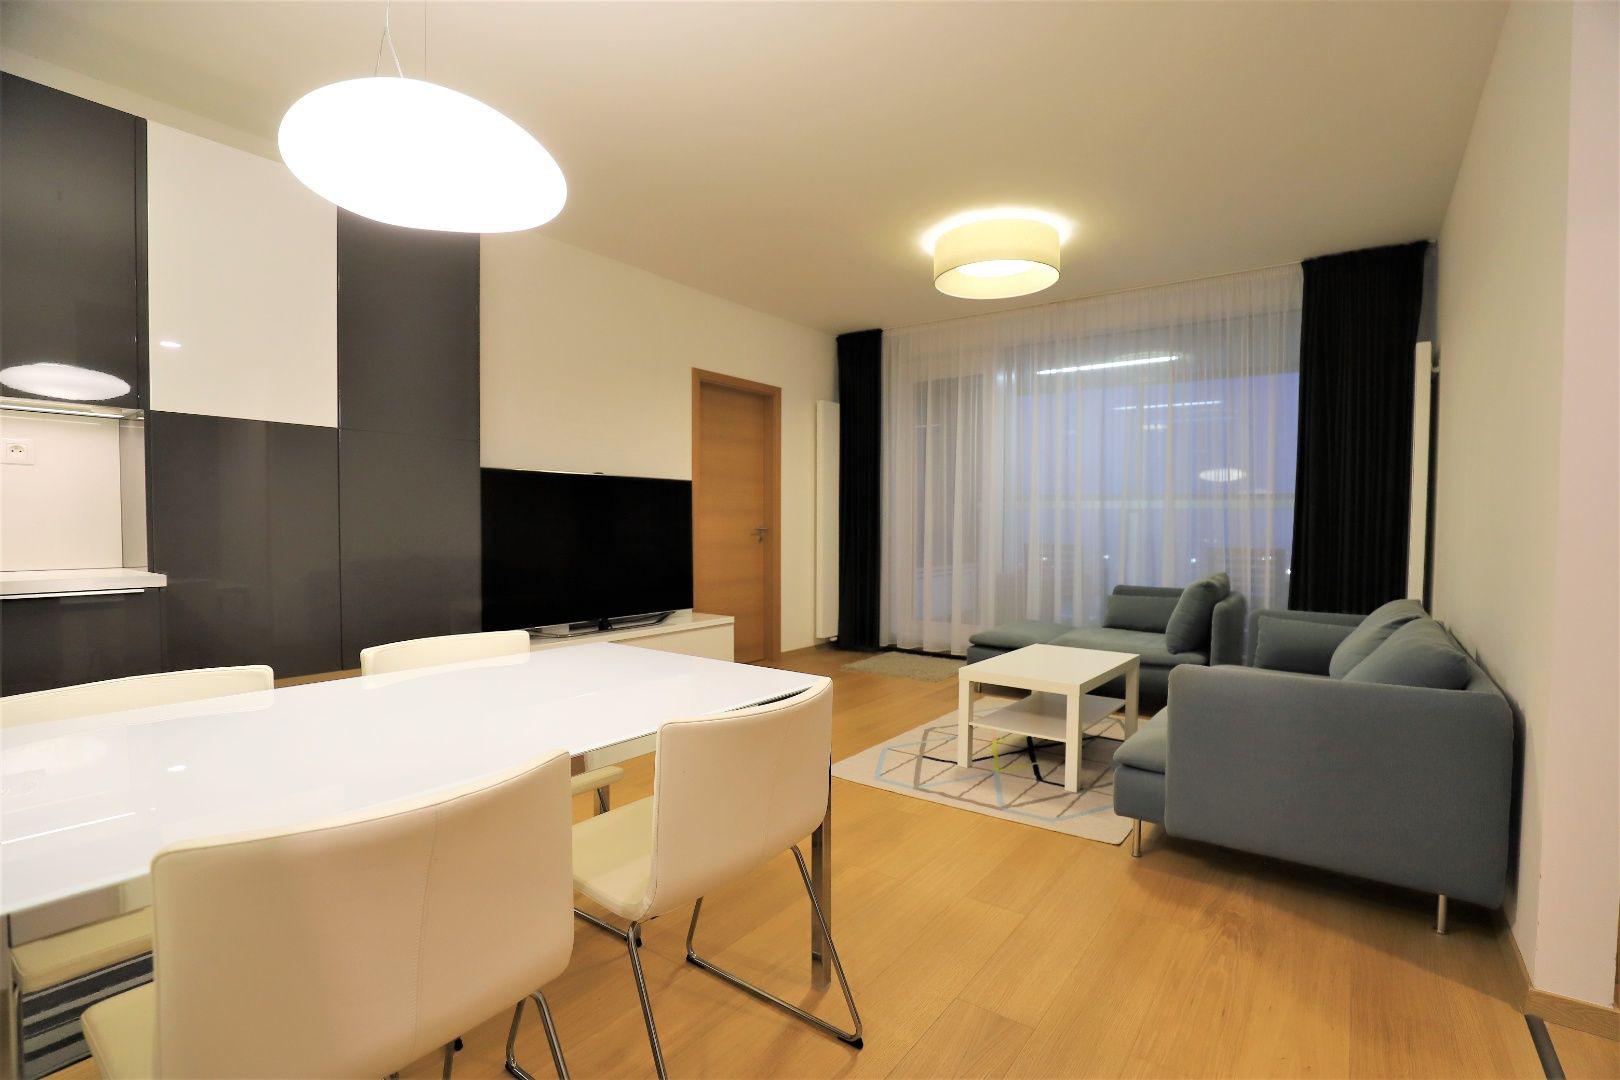 PREDANÉ | 3 izbový byt | Landererova, Bratislava